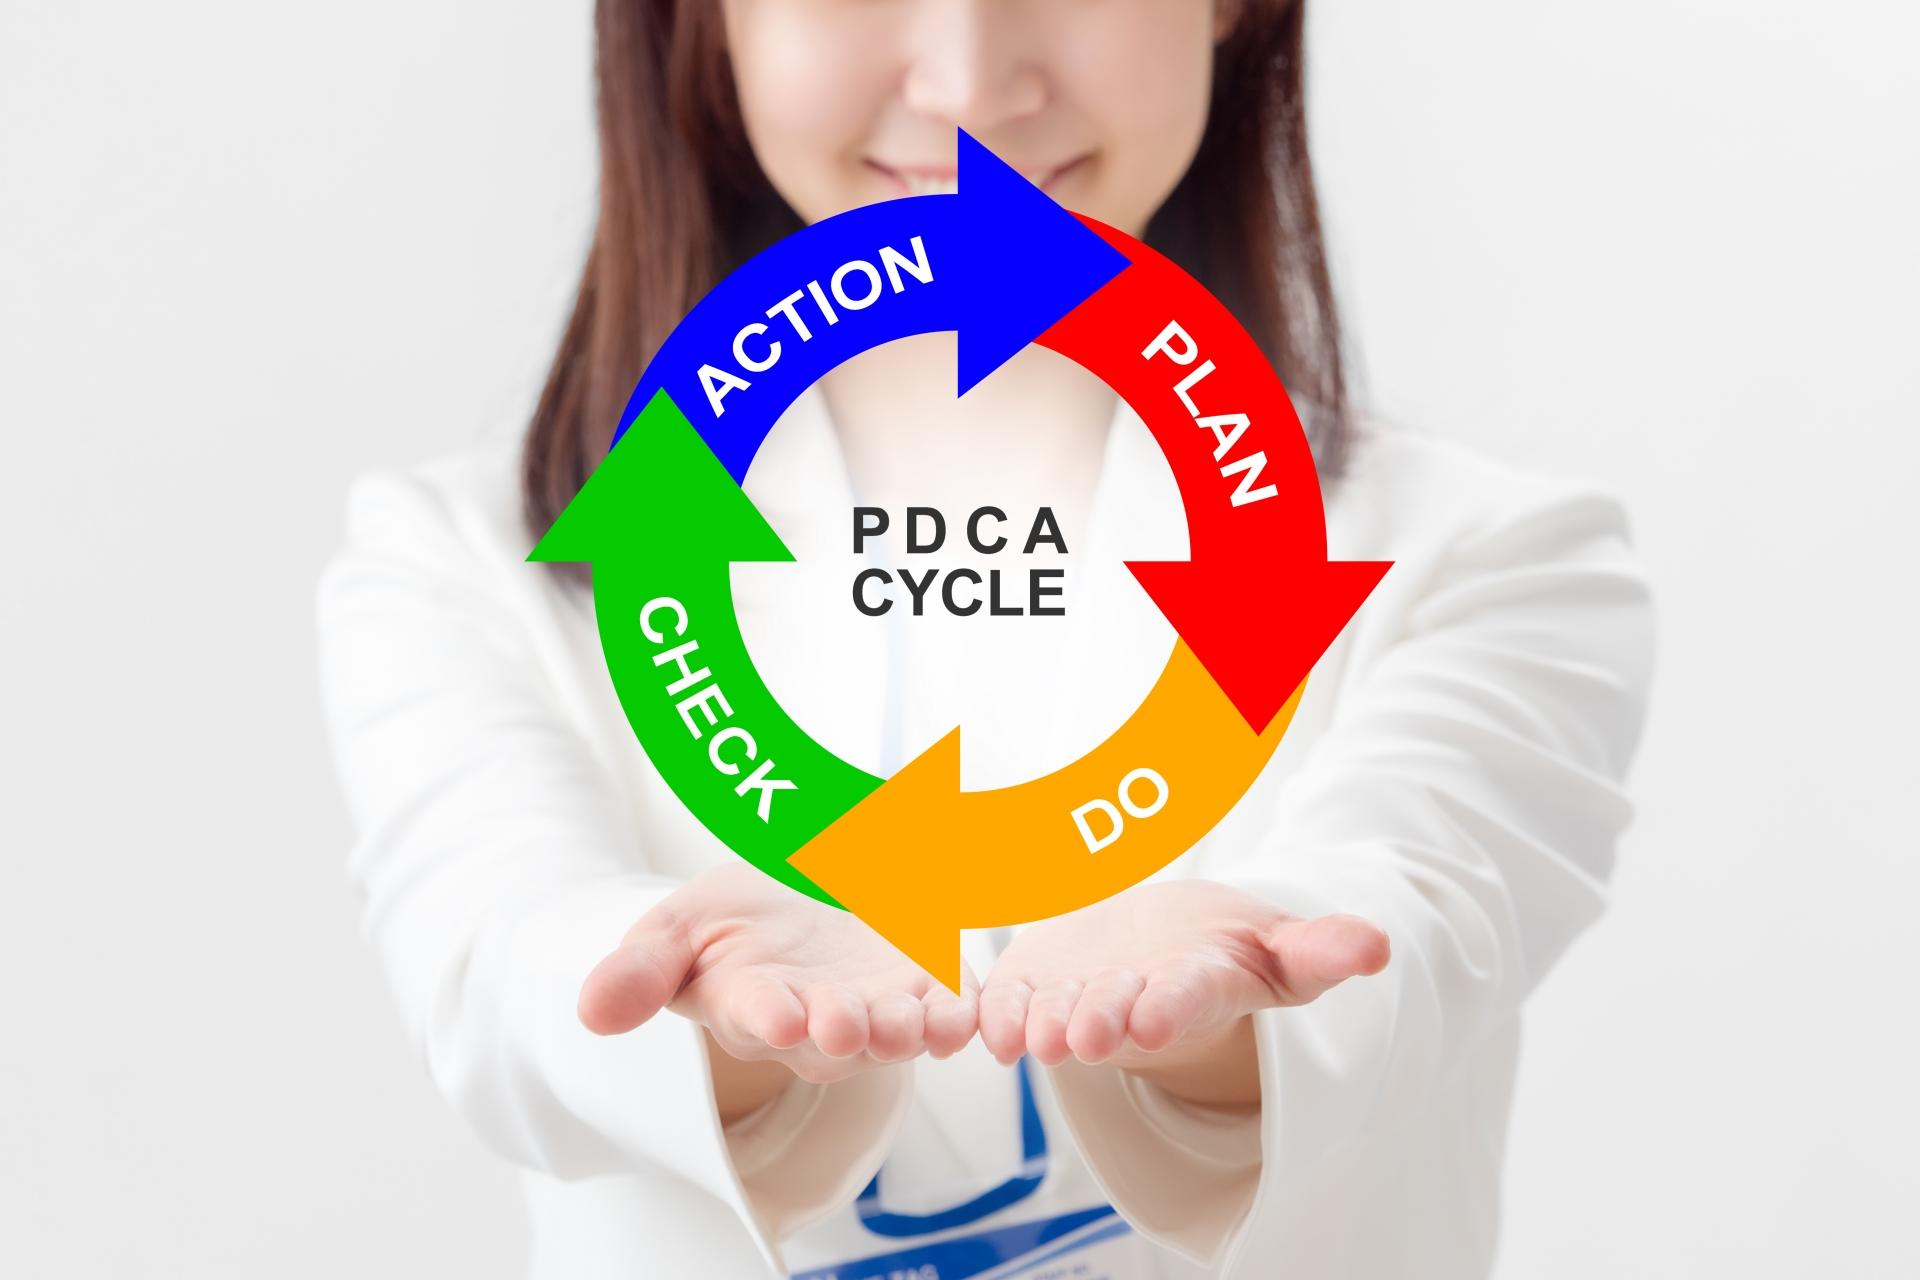 結果を出すためのアクションプランの立て方「営業版アクションプラン考」_PDCA